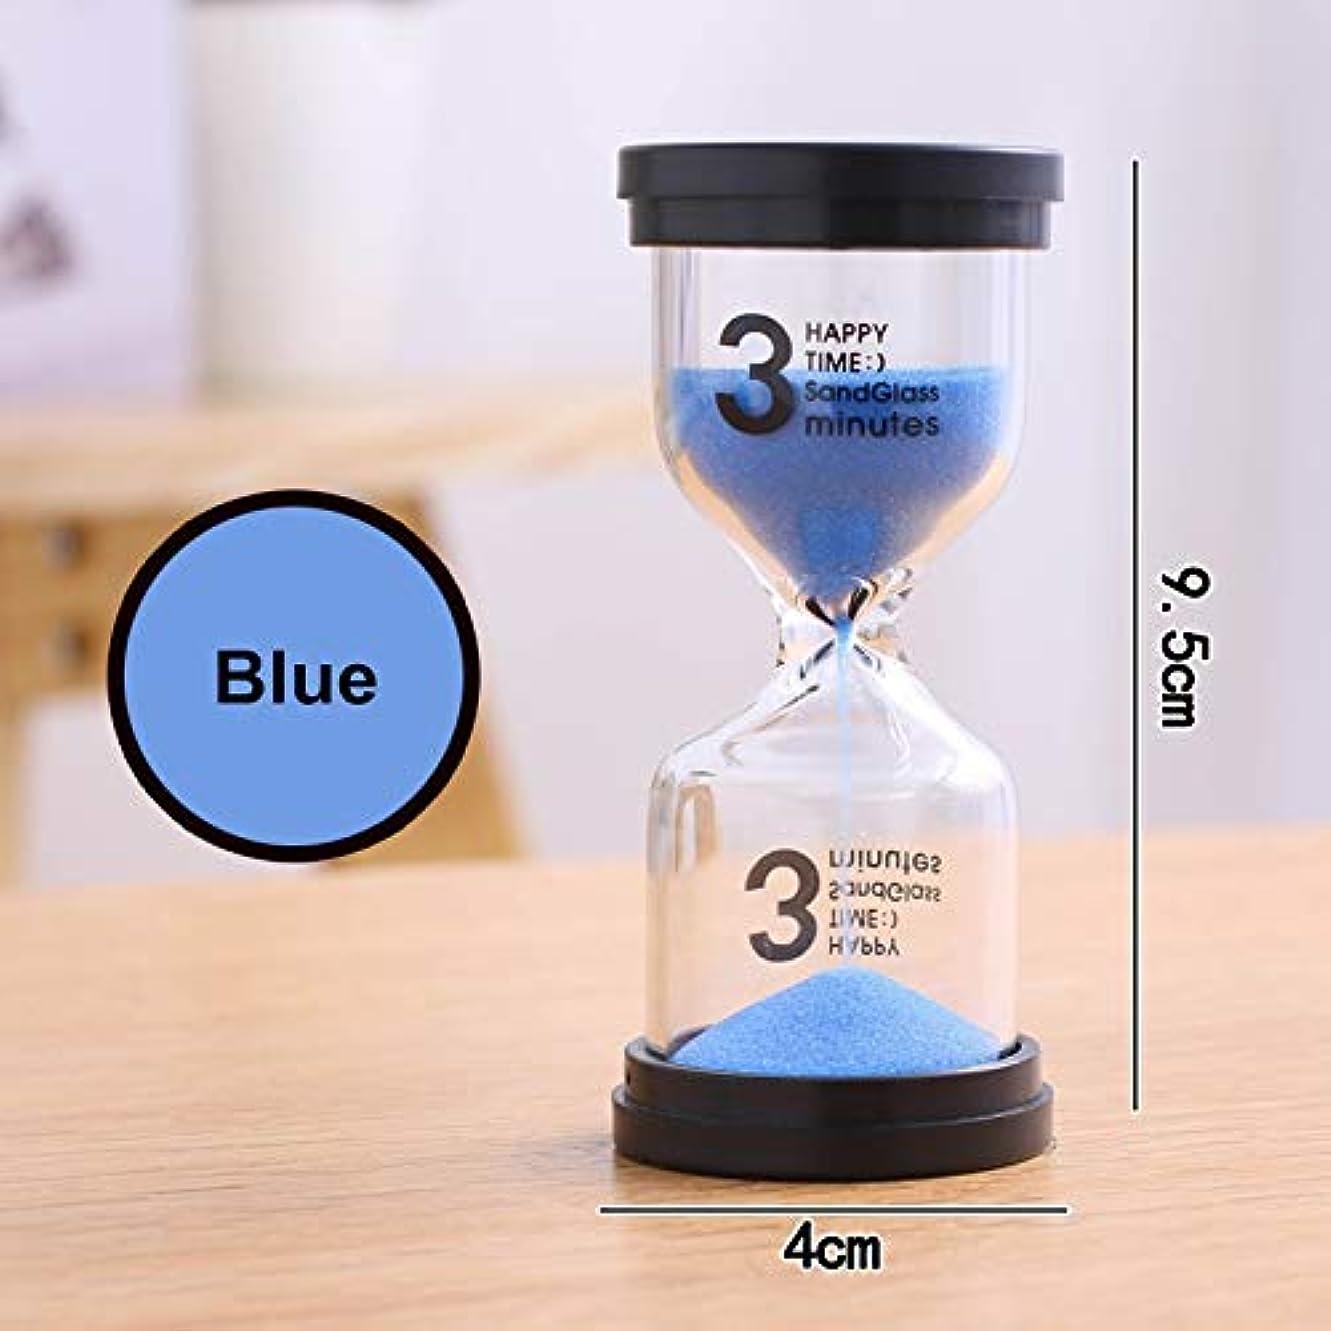 整然とした兄十分XZBBH Hourglass1 / 3/5/10月15日/ 30分タイマー60ミニッツ砂ウォッチ時計の1時間45のミンスギフトタイマーホームデコレーションアクセサリー (色 : 青い, Time : 1min)